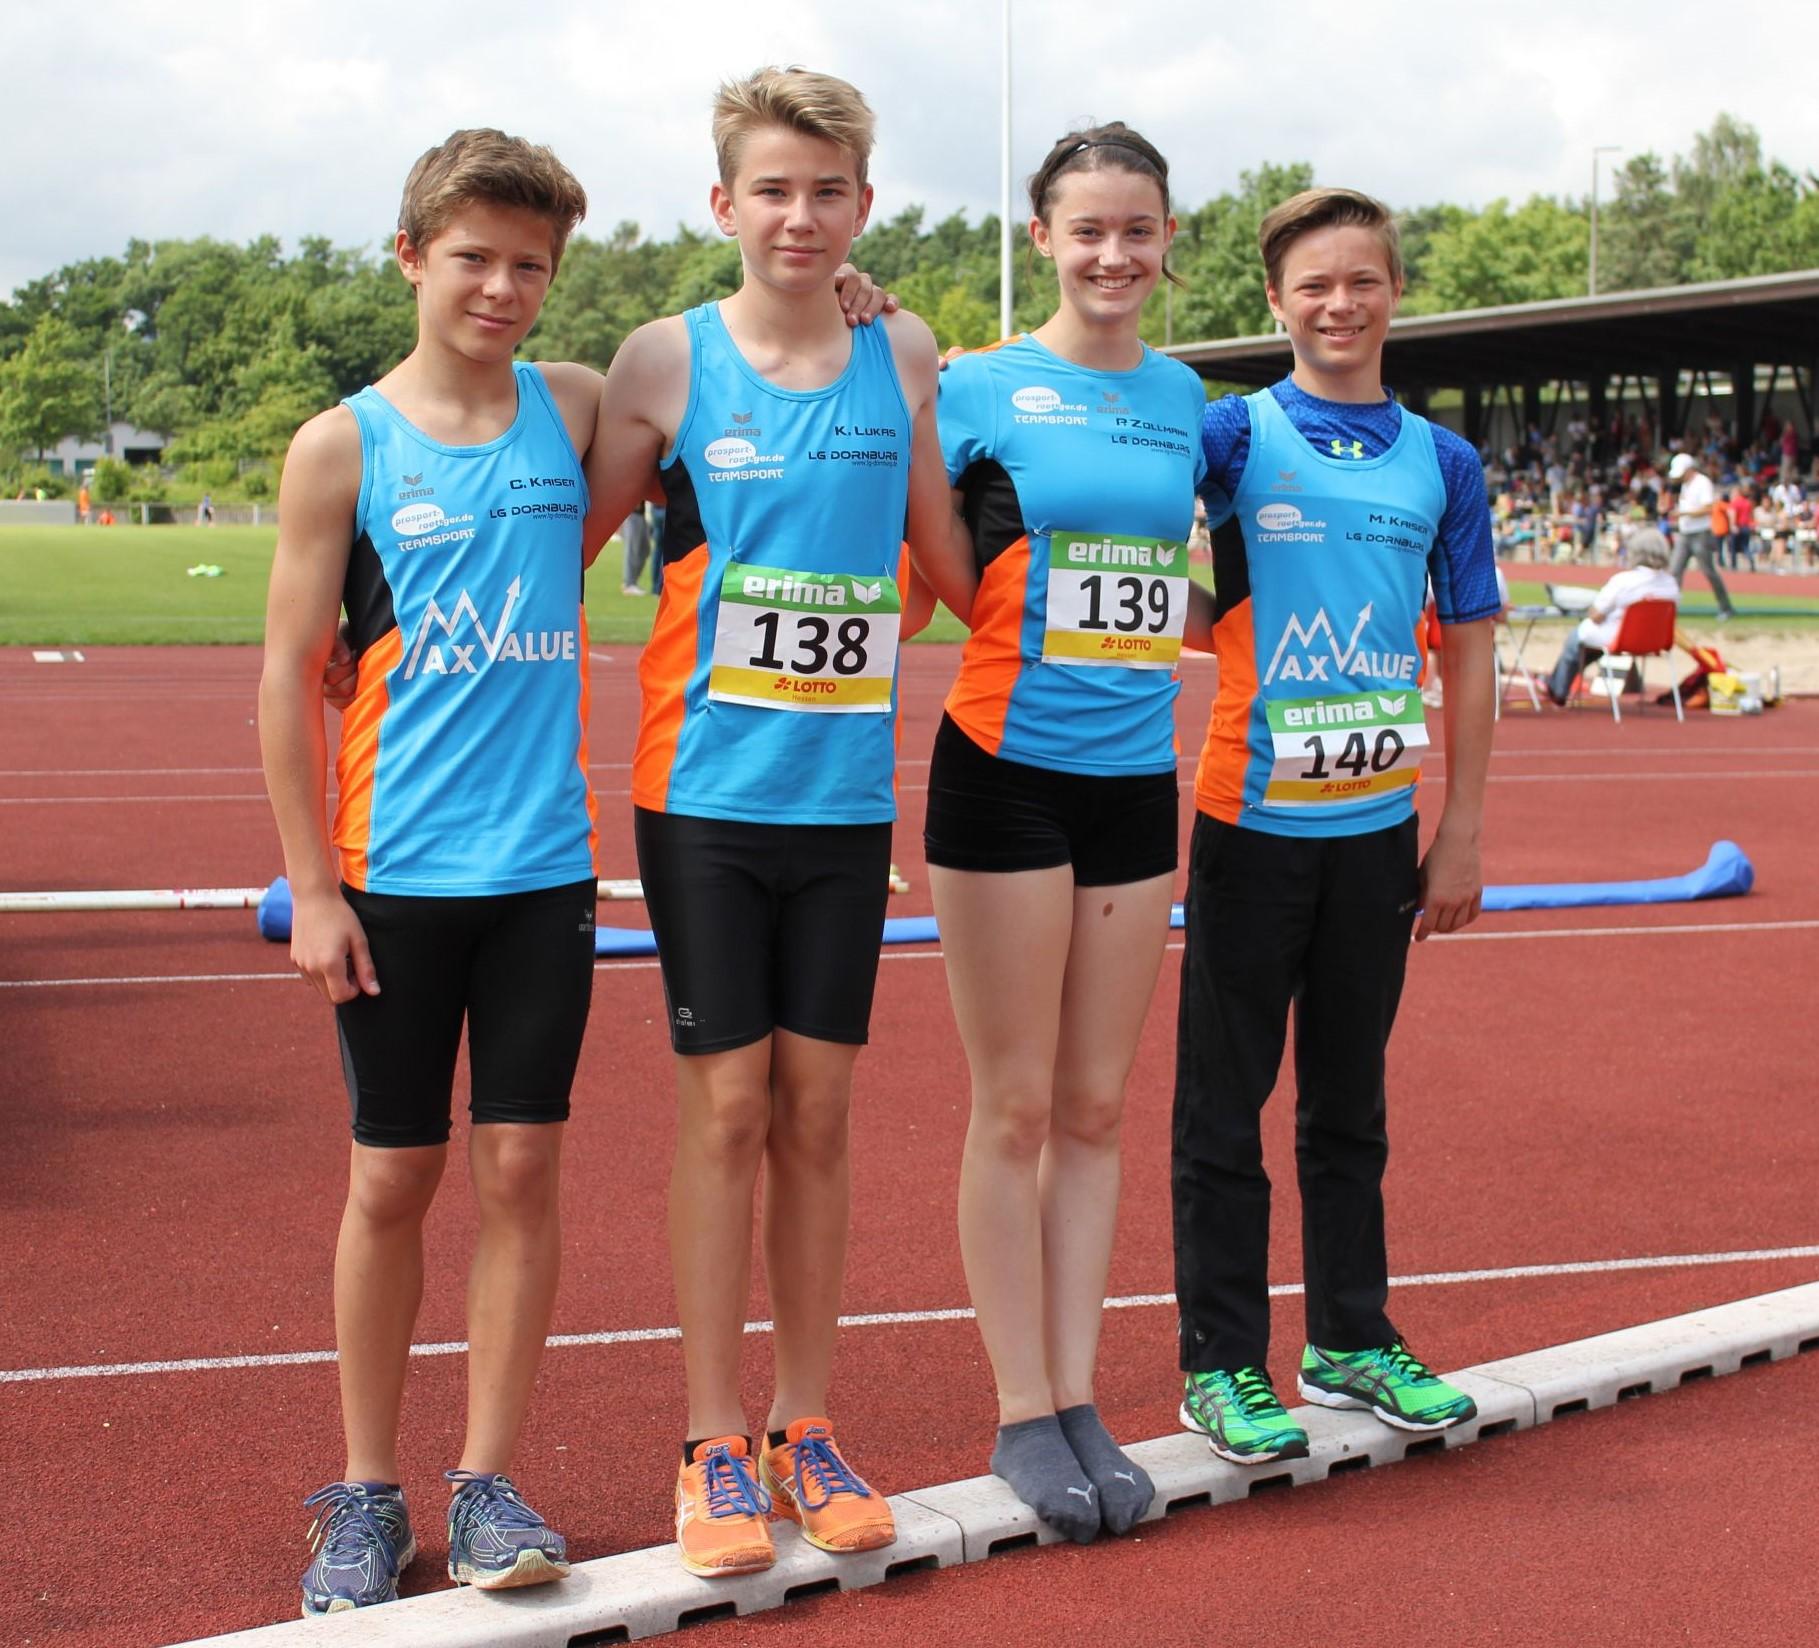 Erfolgreiche Teilnehmer an den Hessenmeisterschaften in Bad Honburg